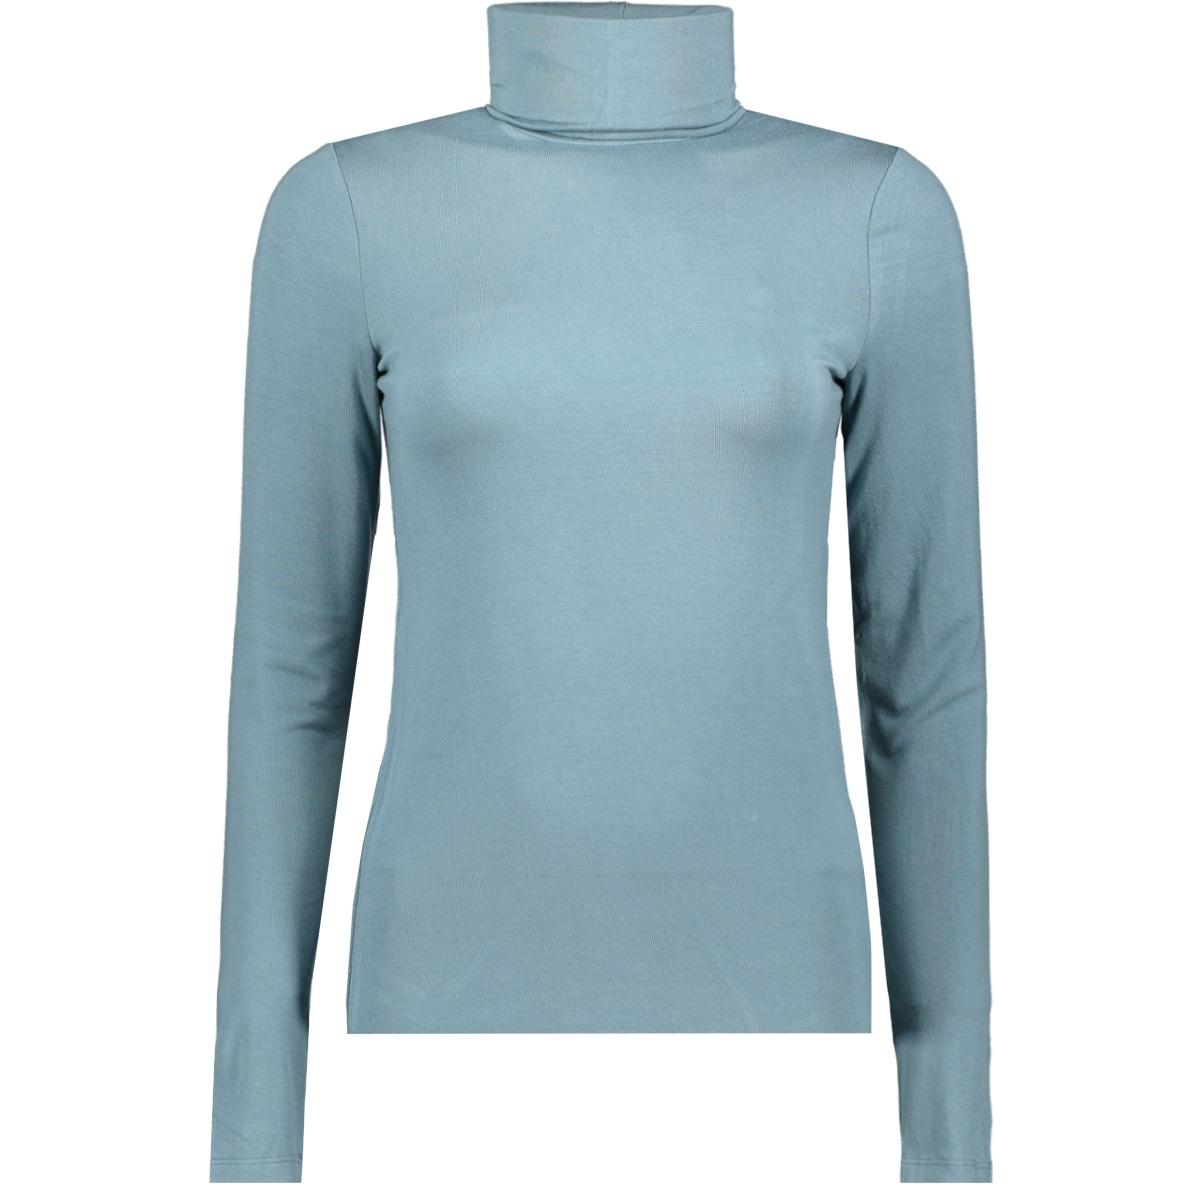 turtleneck top 30500026 saint tropez t-shirt 174412